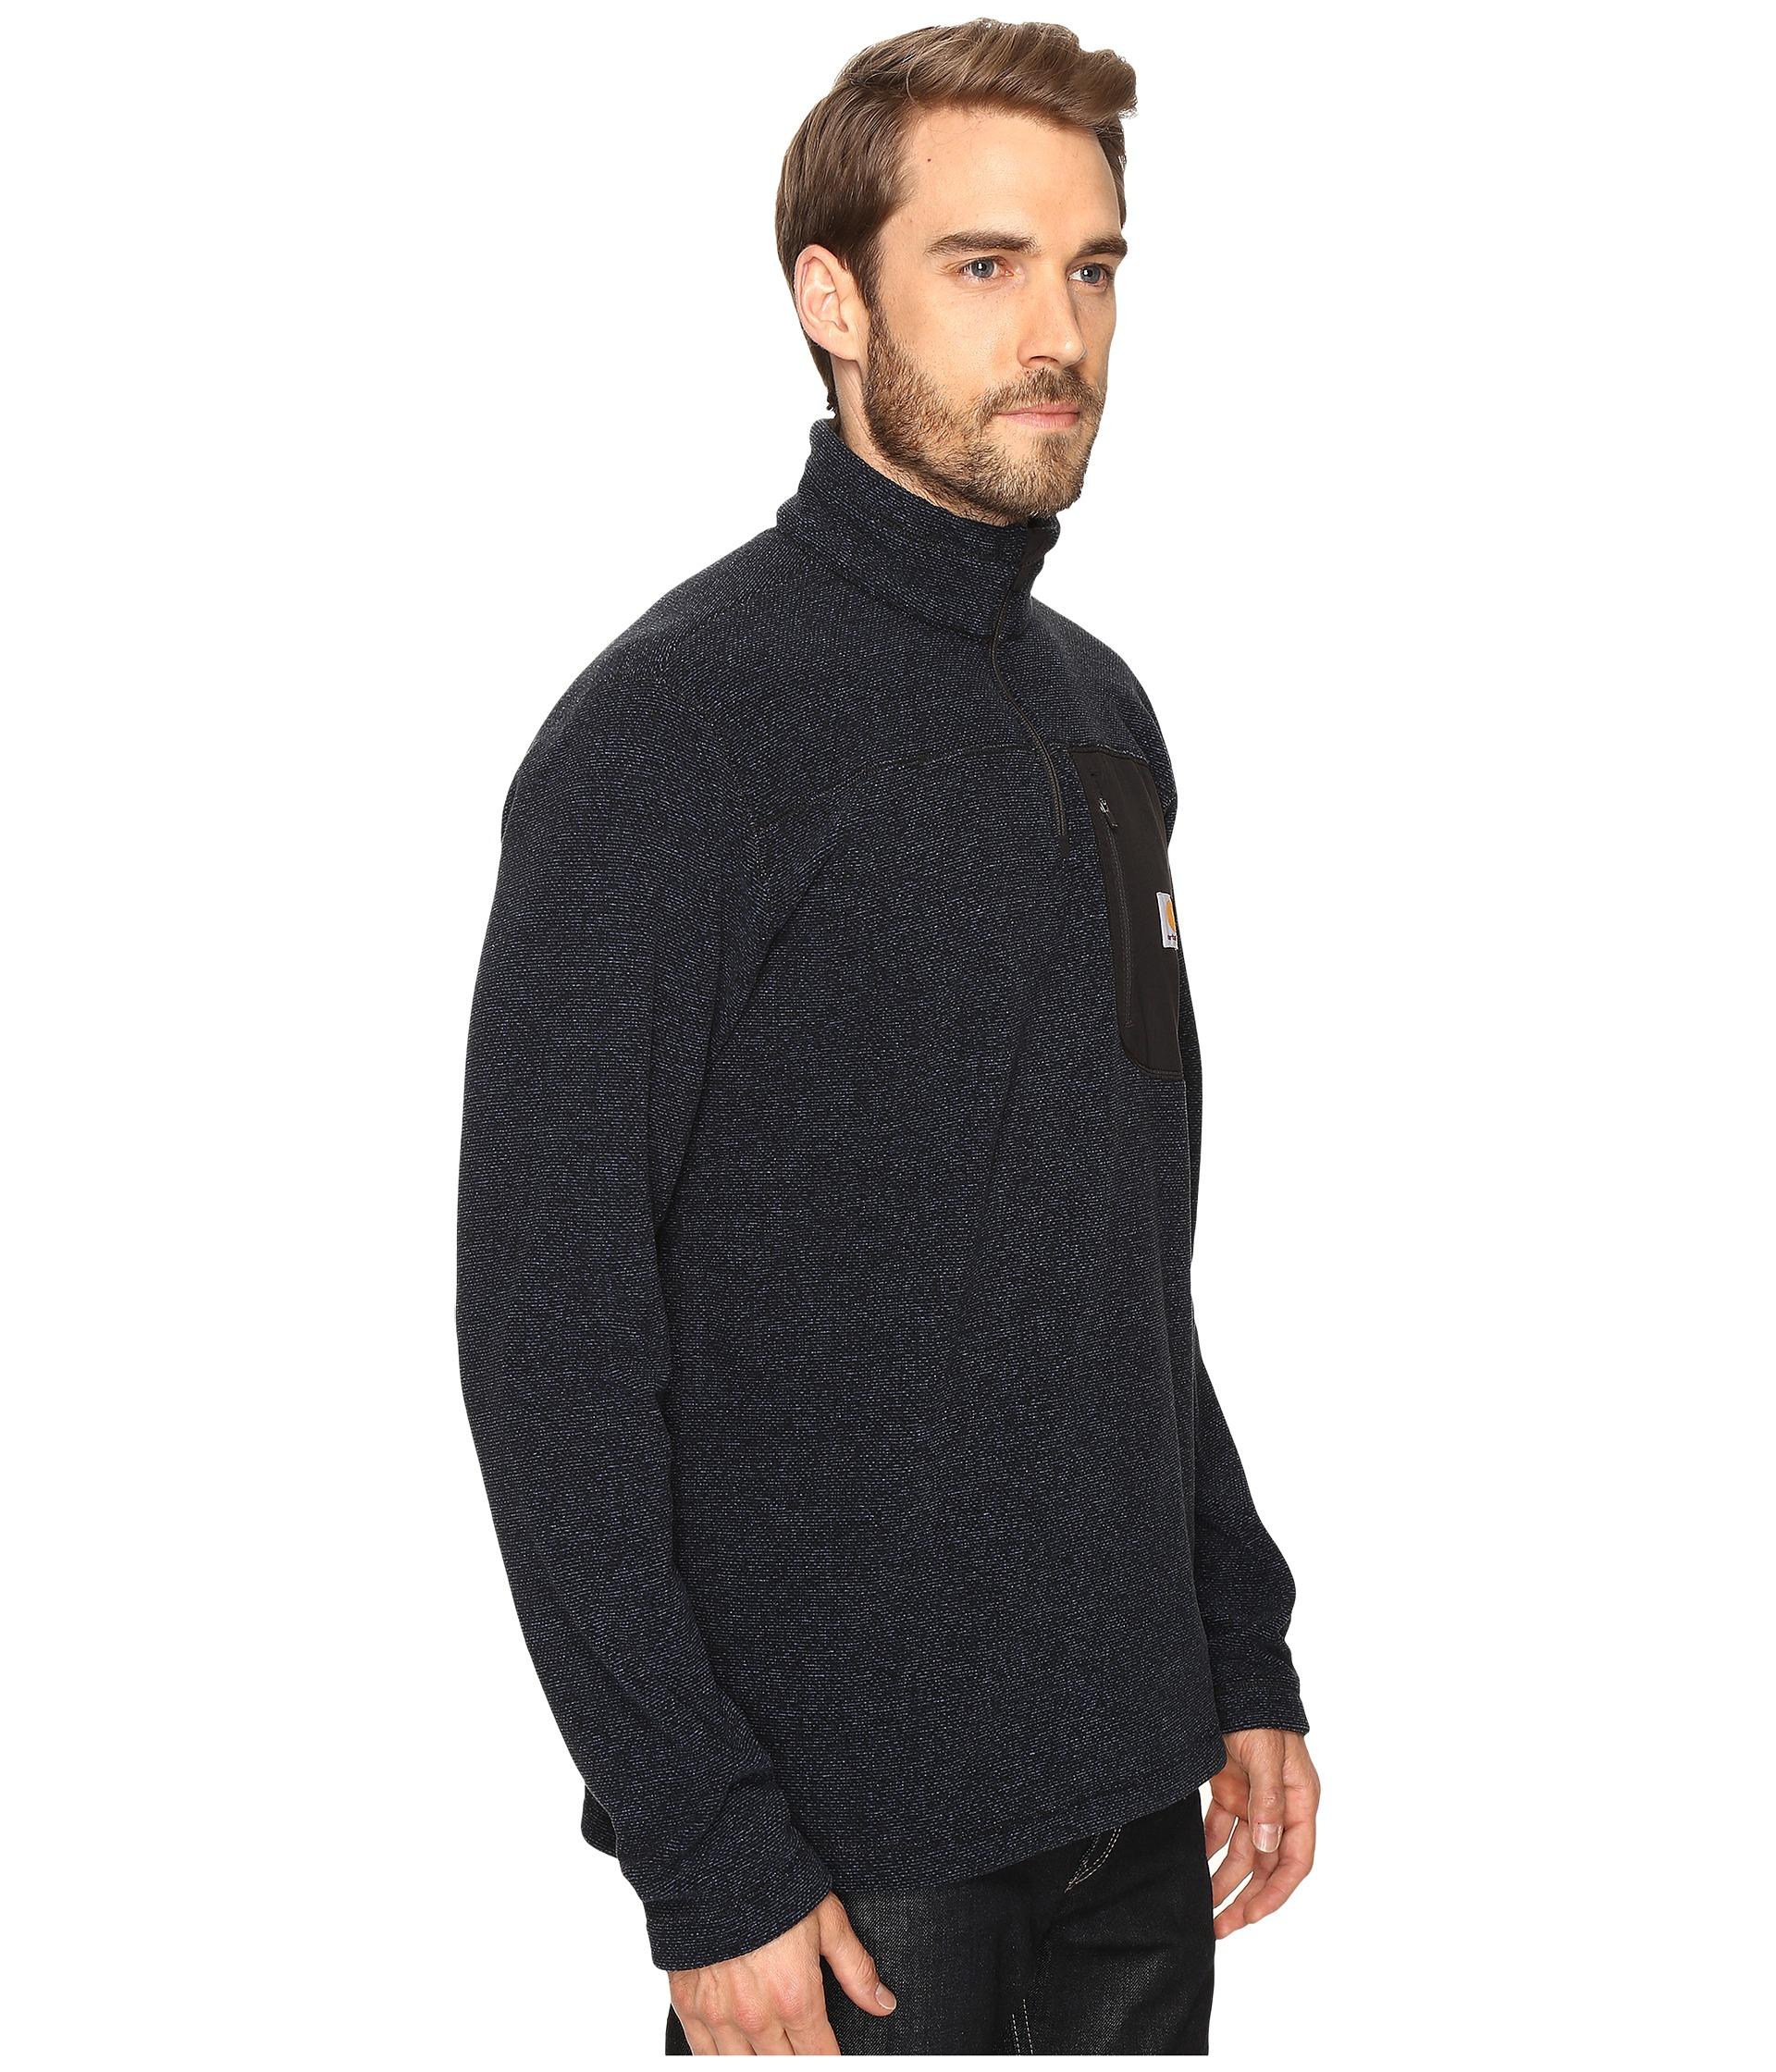 Carhartt Walden 1 4 Zip Sweater Fleece Zappos Com Free